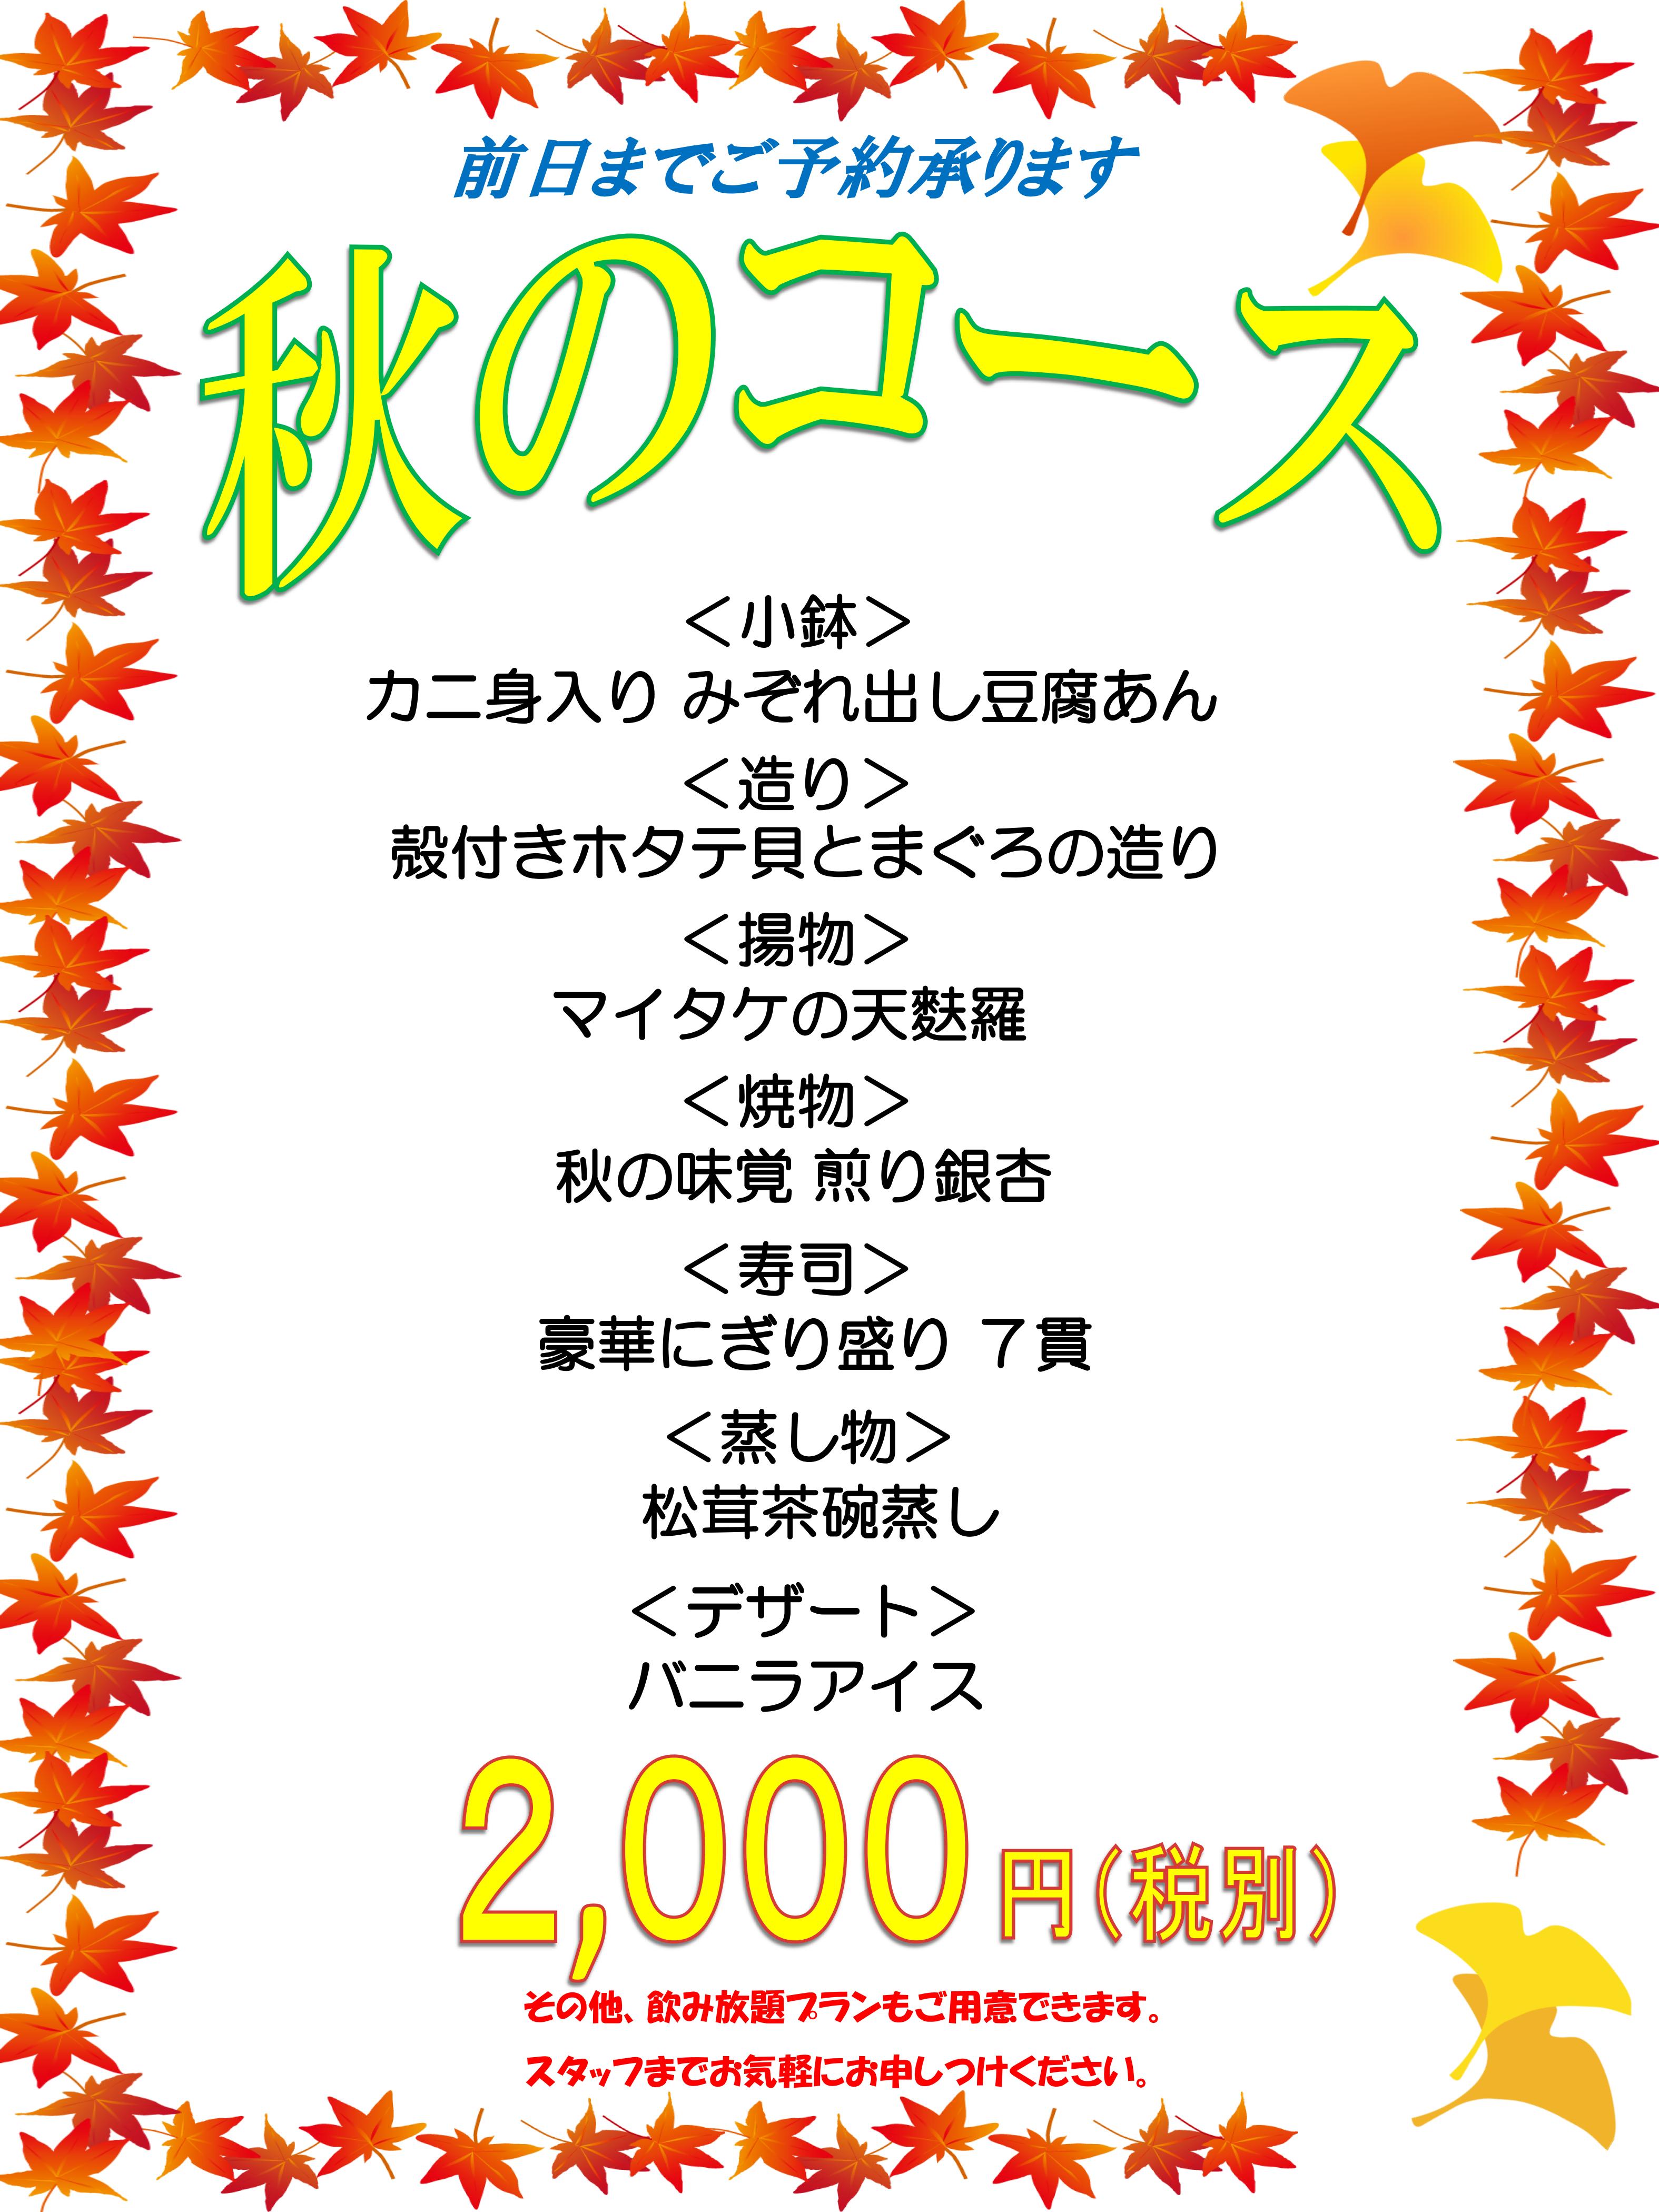 9月より秋コース開始します。